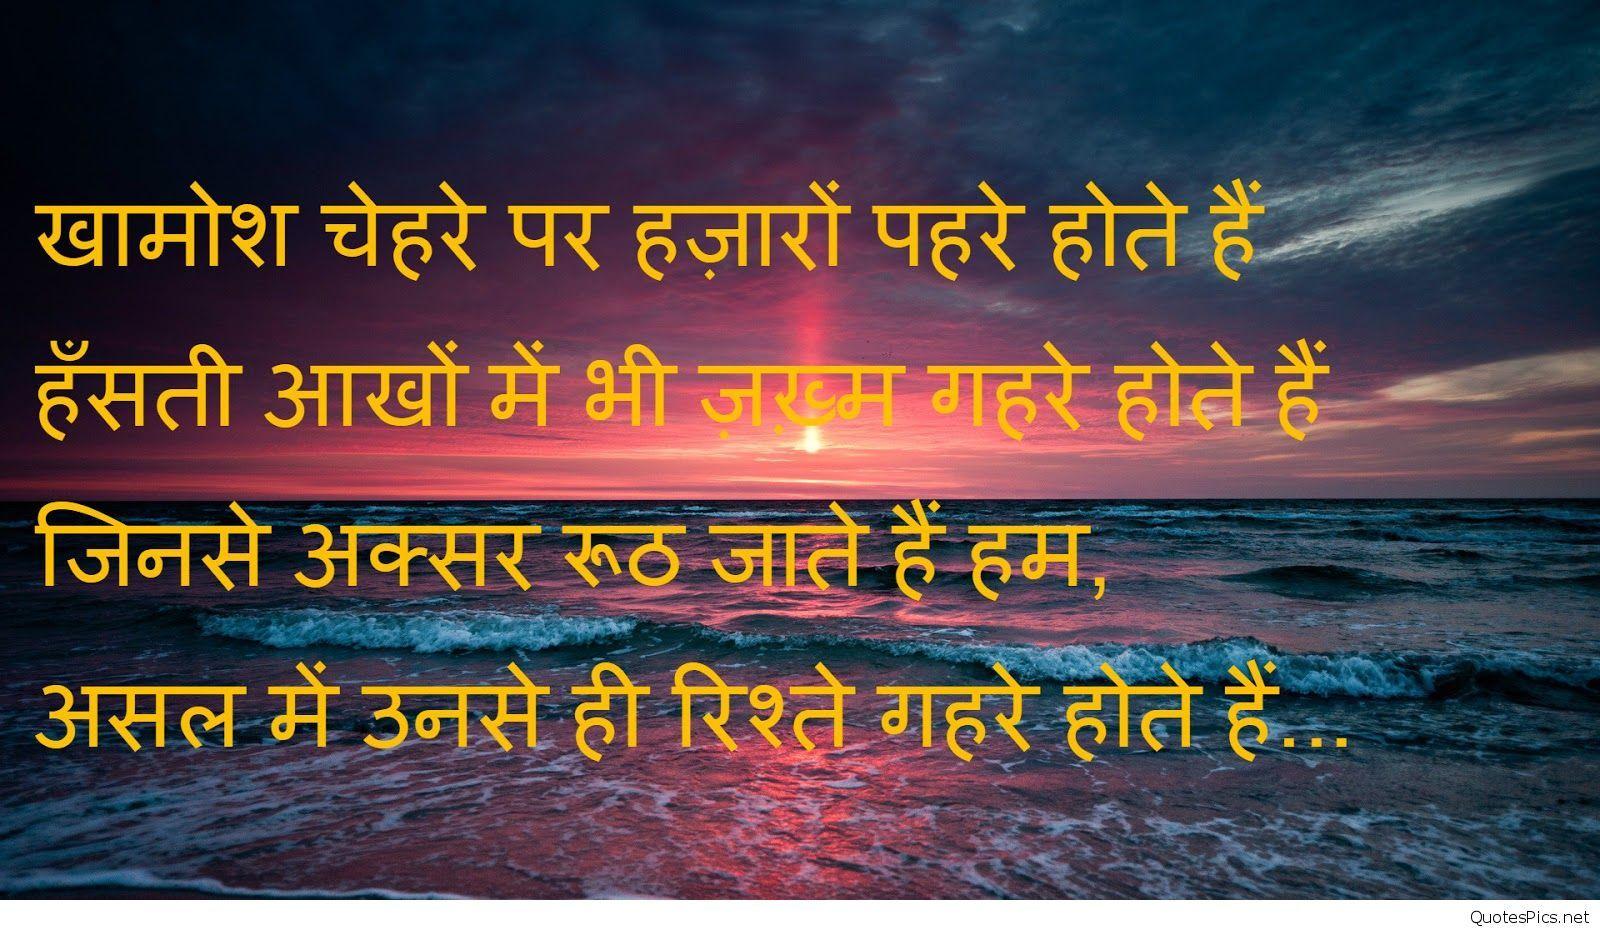 Pin on hindi shayari